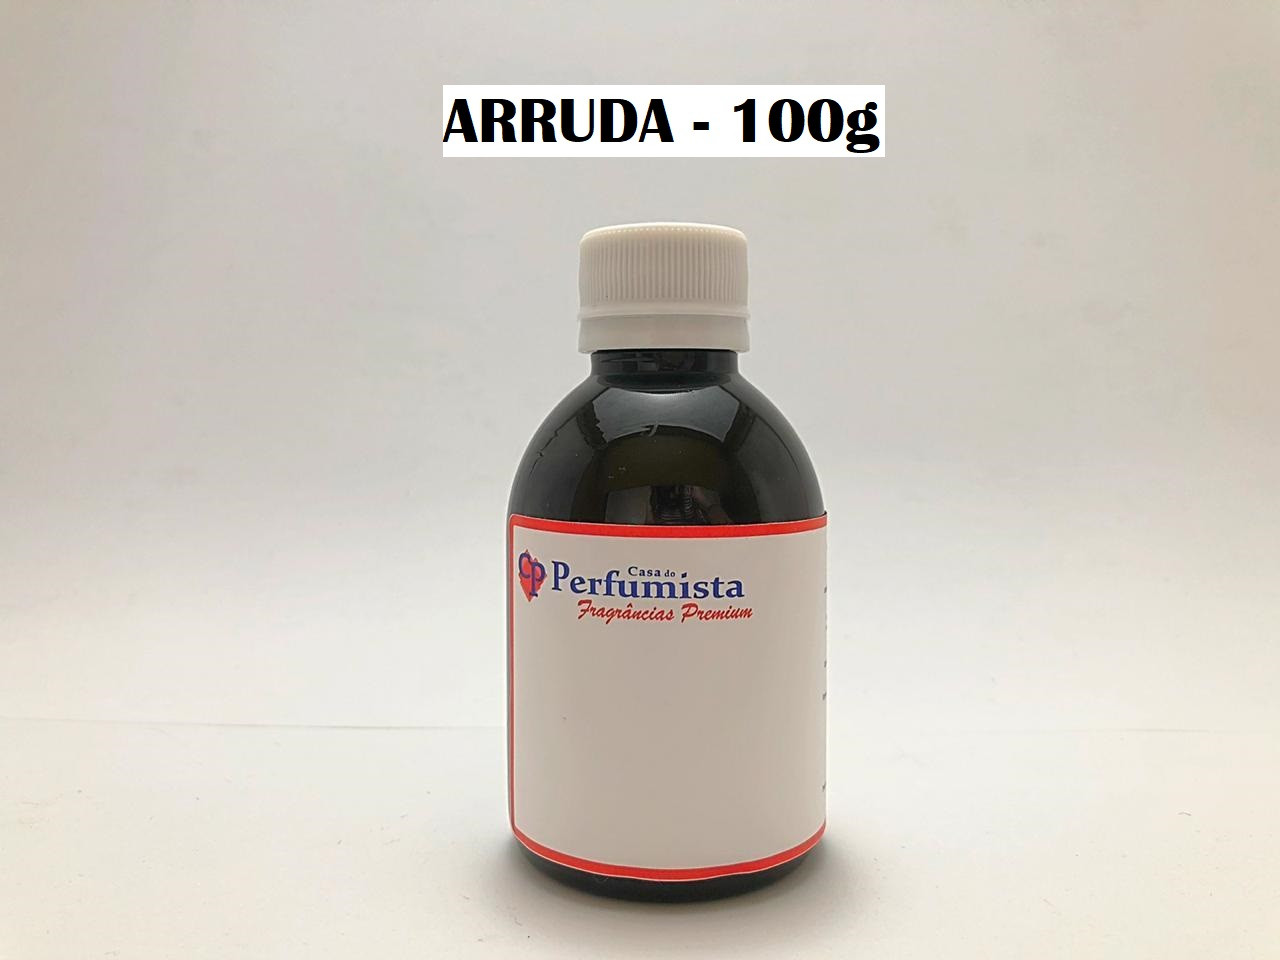 ARRUDA - 100g